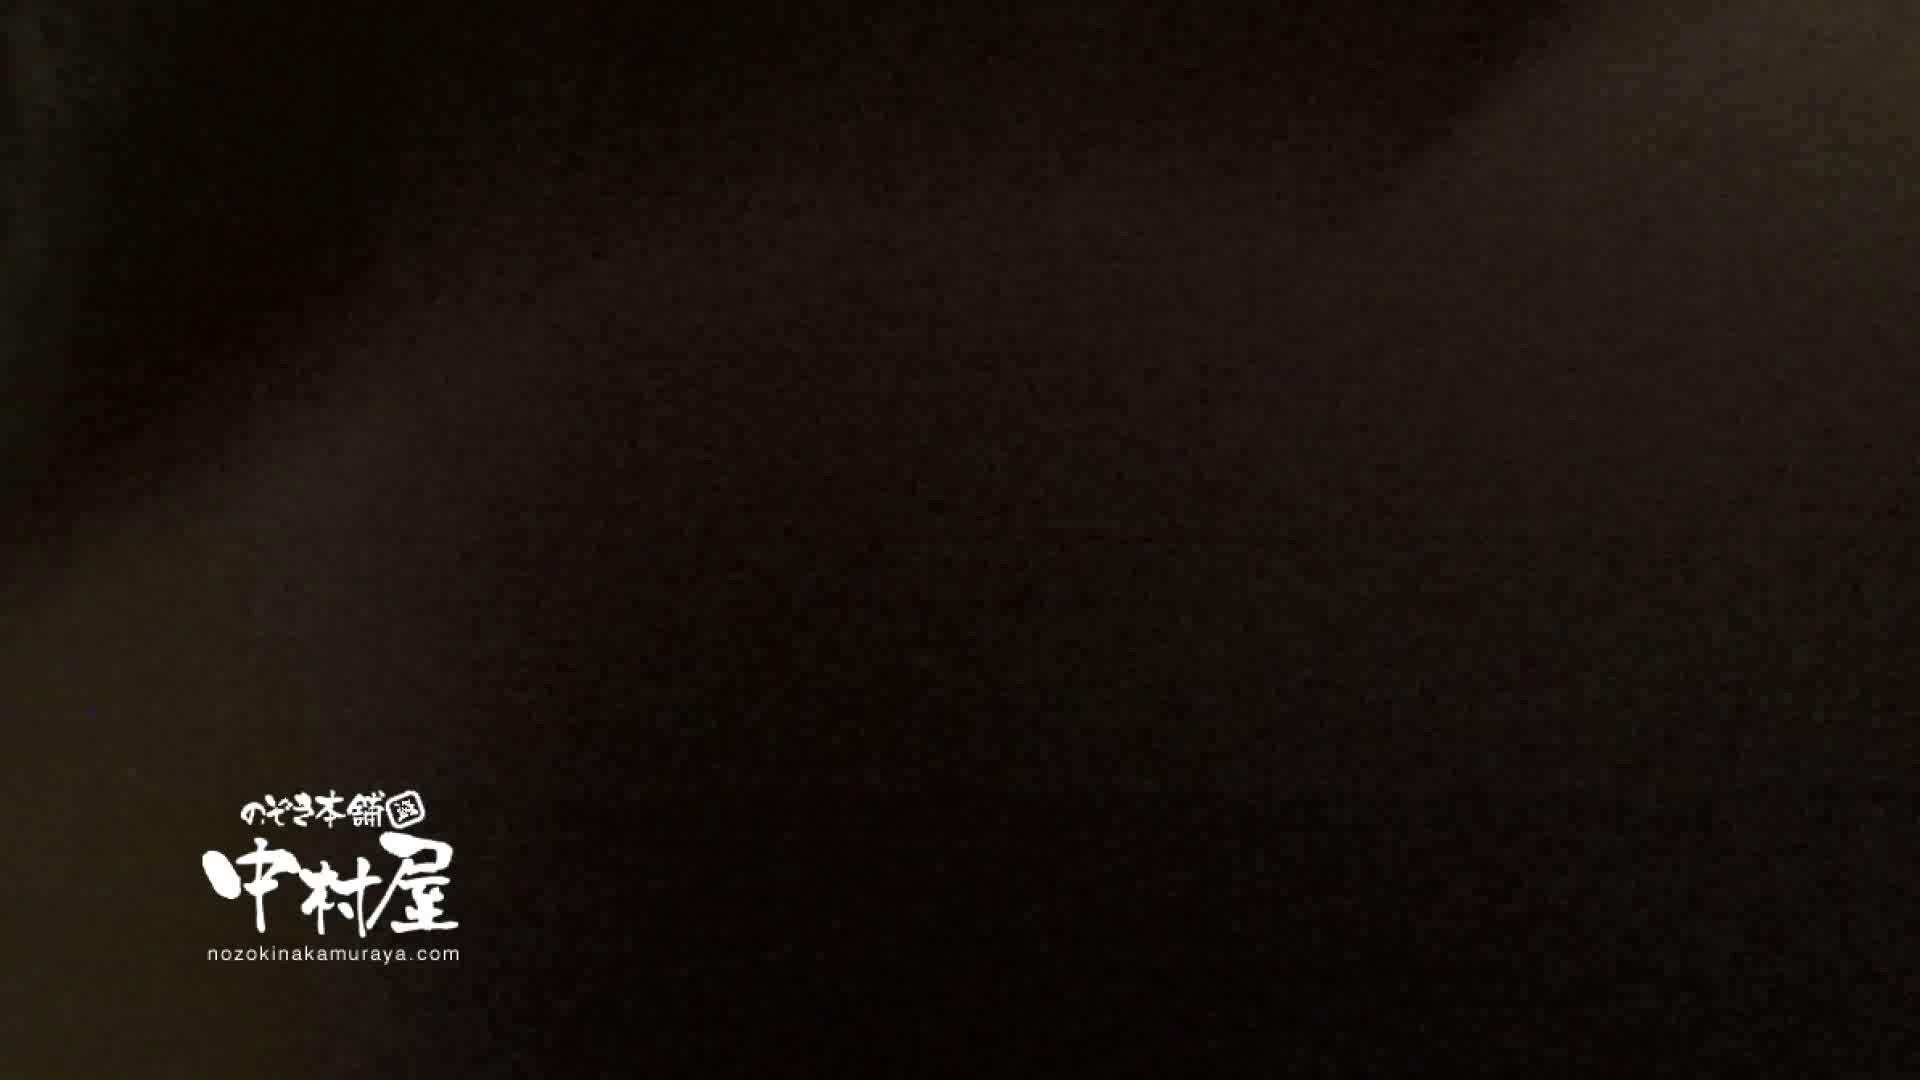 鬼畜 vol.08 極悪!妊娠覚悟の中出し! 後編 鬼畜 のぞき動画キャプチャ 98pic 69